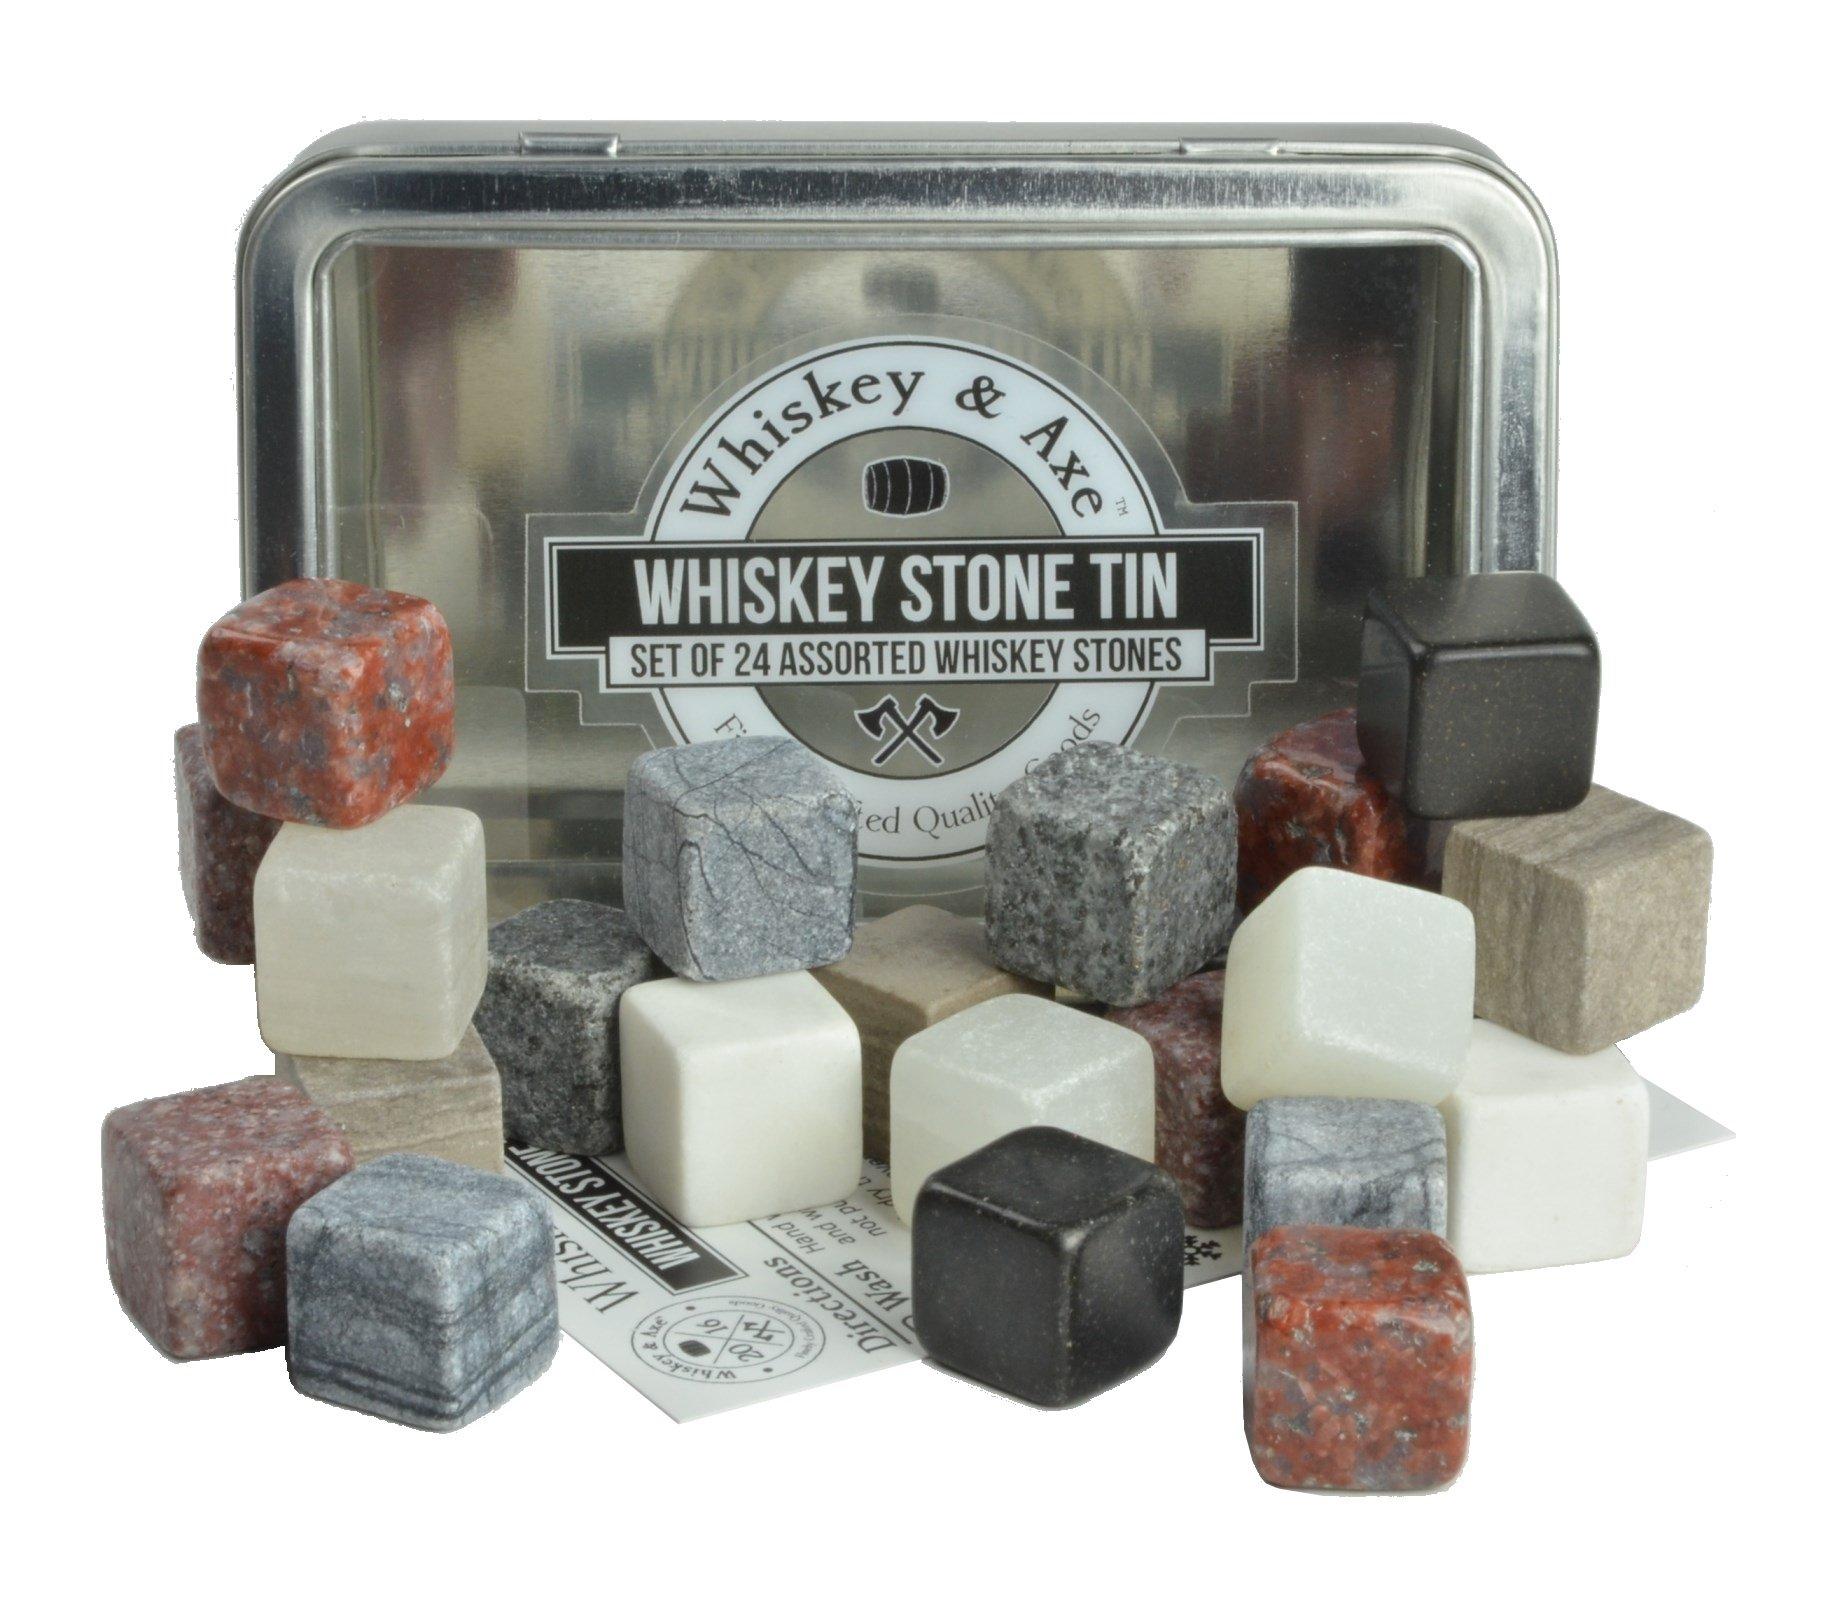 Whiskey & Axe - Premium Set of 24 Whiskey Stones with Fantastic Storage Tin